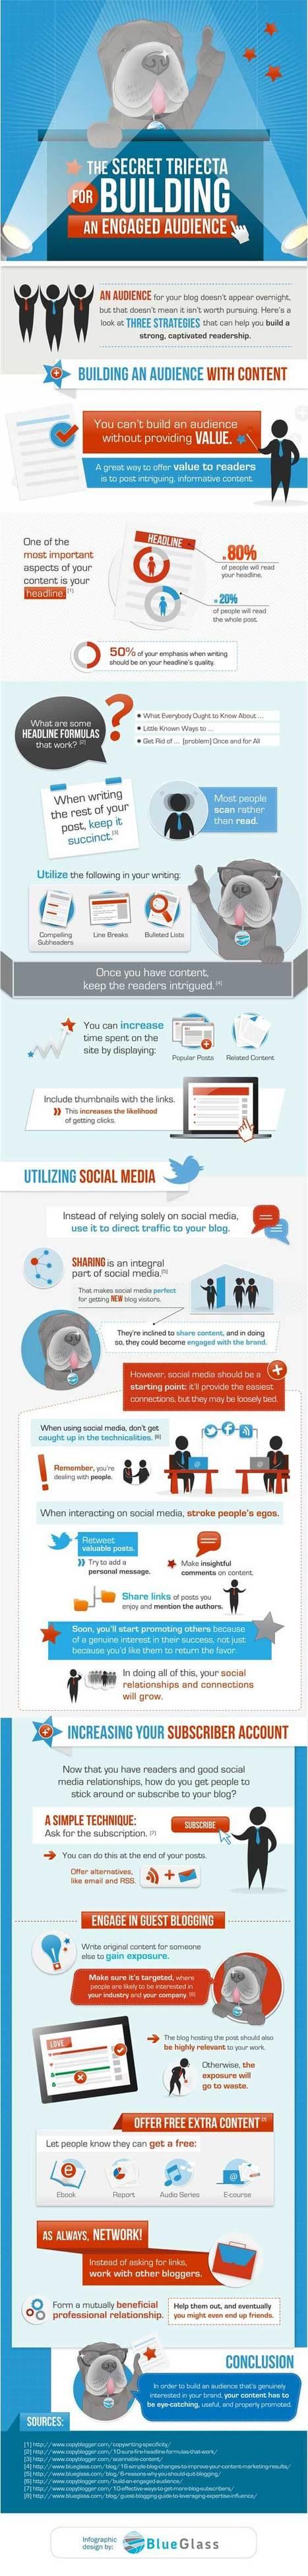 Comment Construire Une Audience Engagée Pour Votre Blog ? [Infographie] | e-marketing and design | Scoop.it